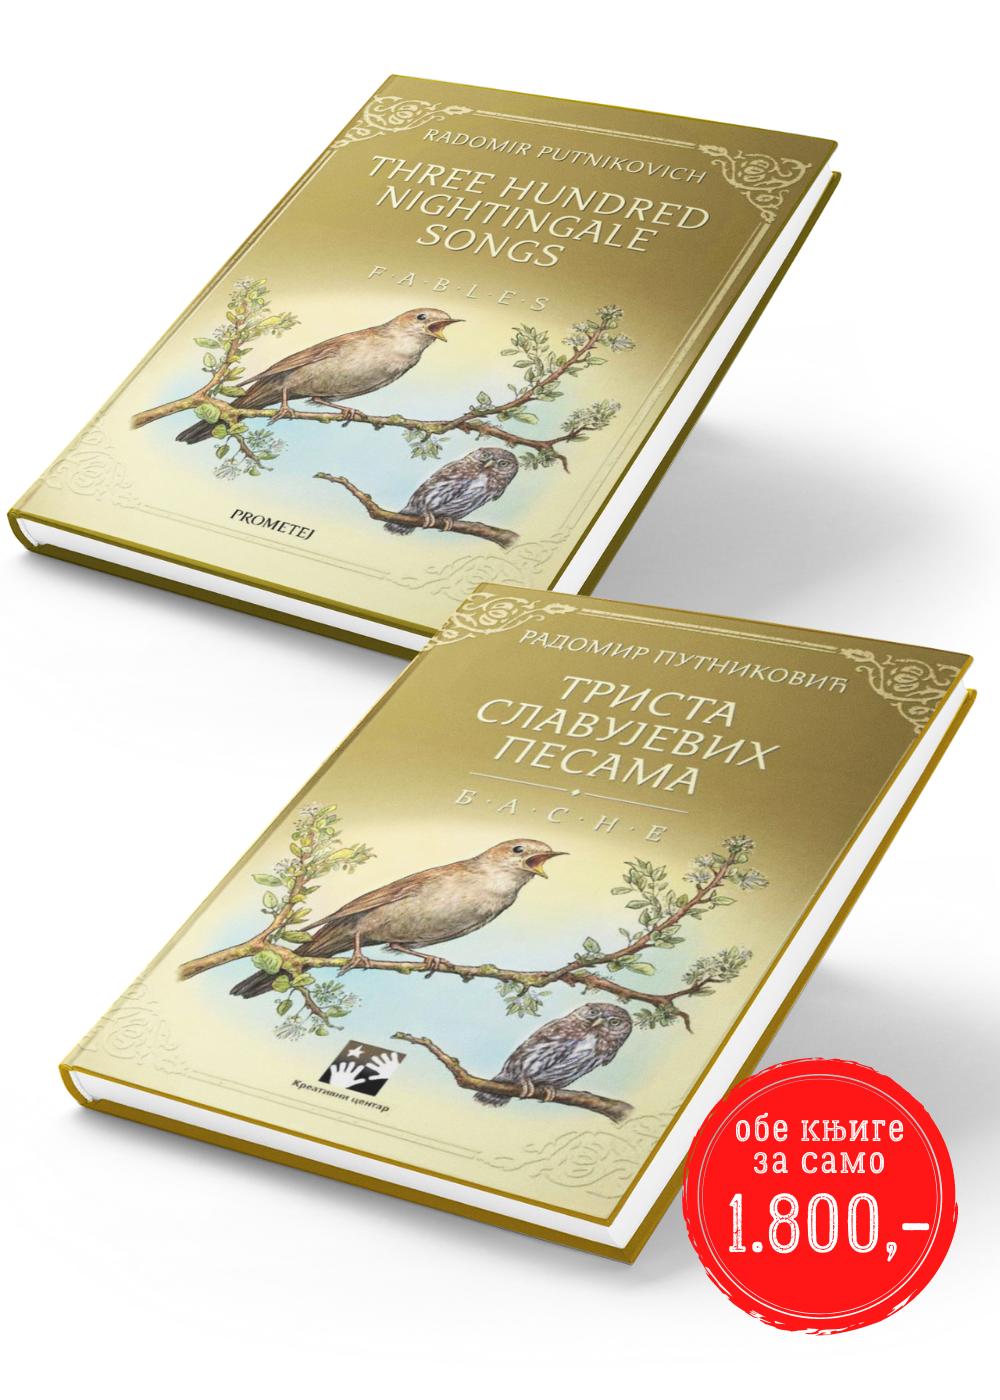 Триста славујевих песама / Three Hundred Nightingale Songs